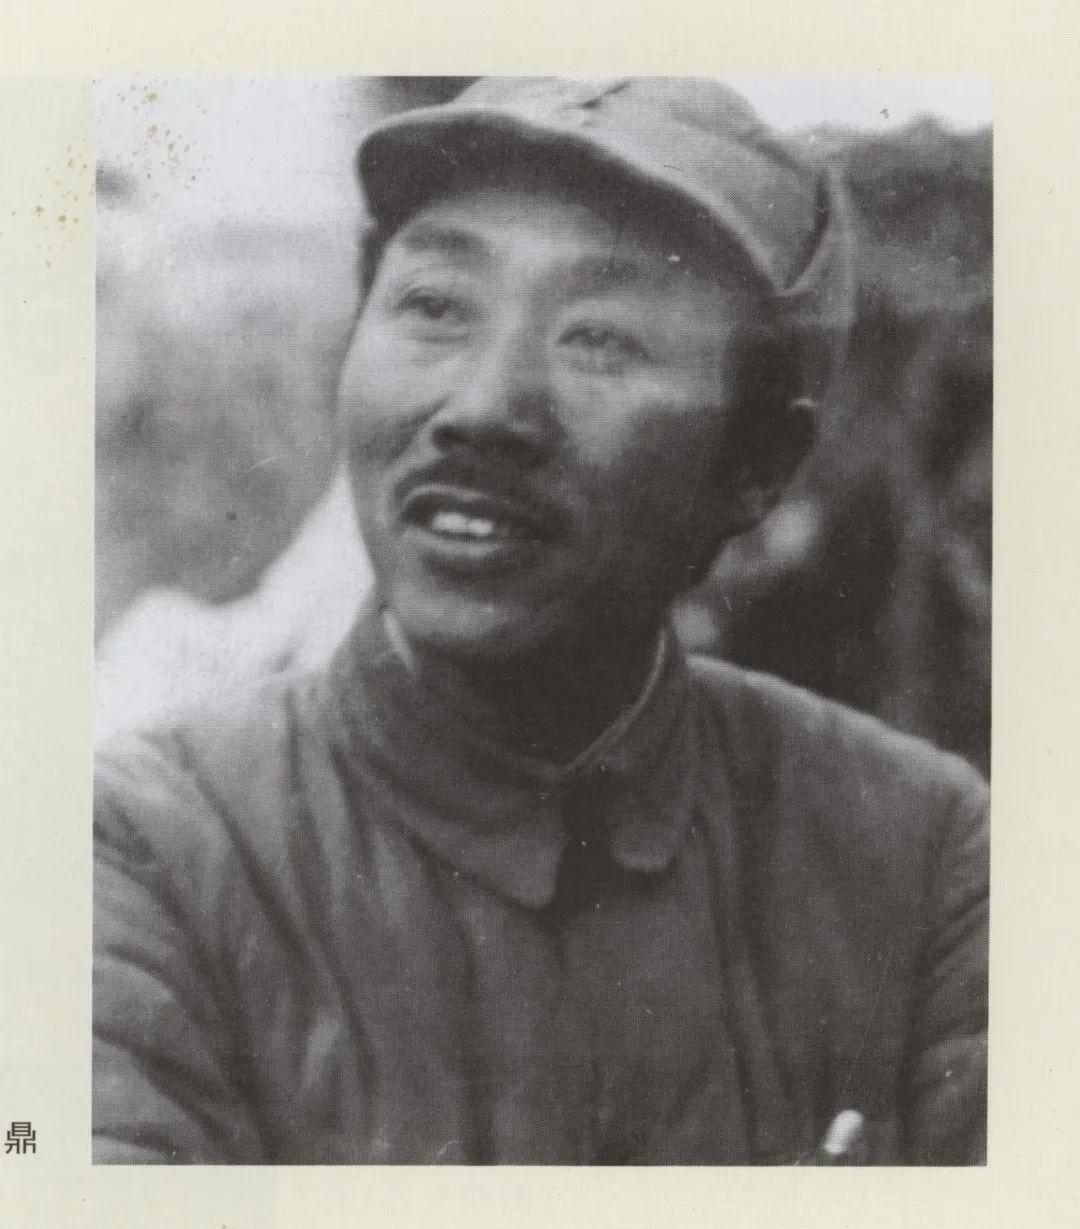 红船家园丨军工泰斗刘鼎:我是工人,以前当过老师